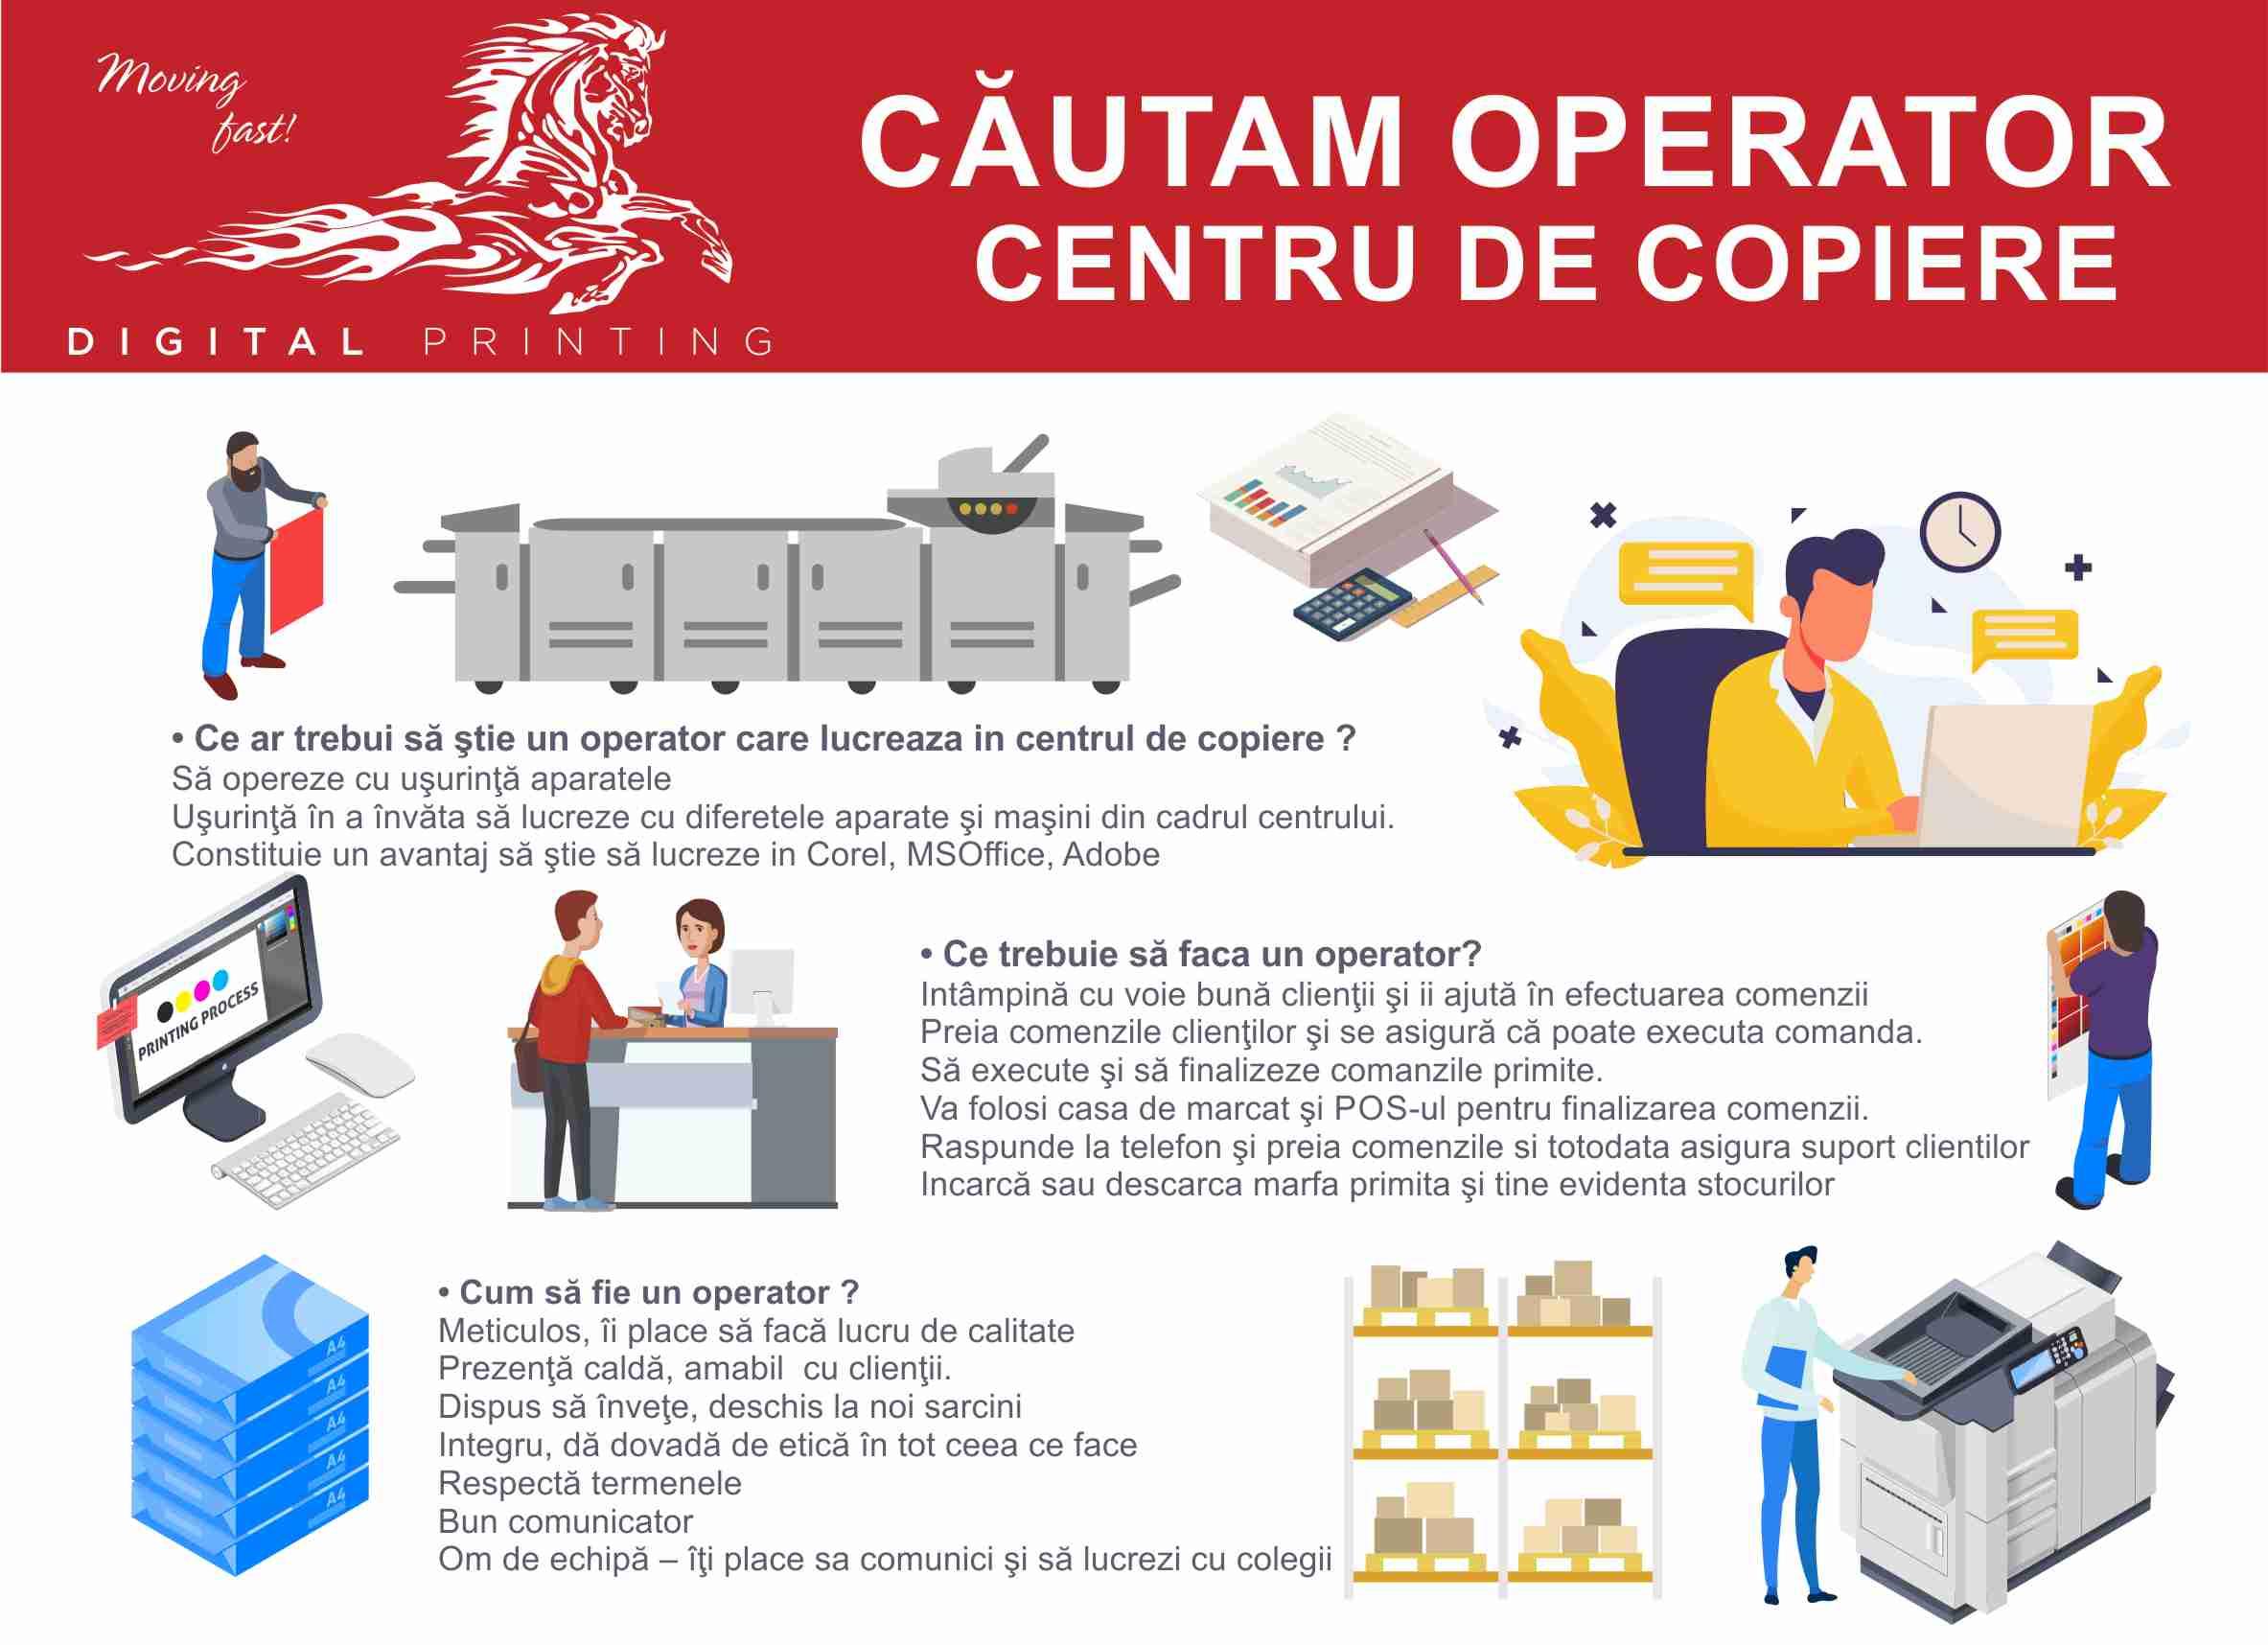 cautam-operator-centru-copiere